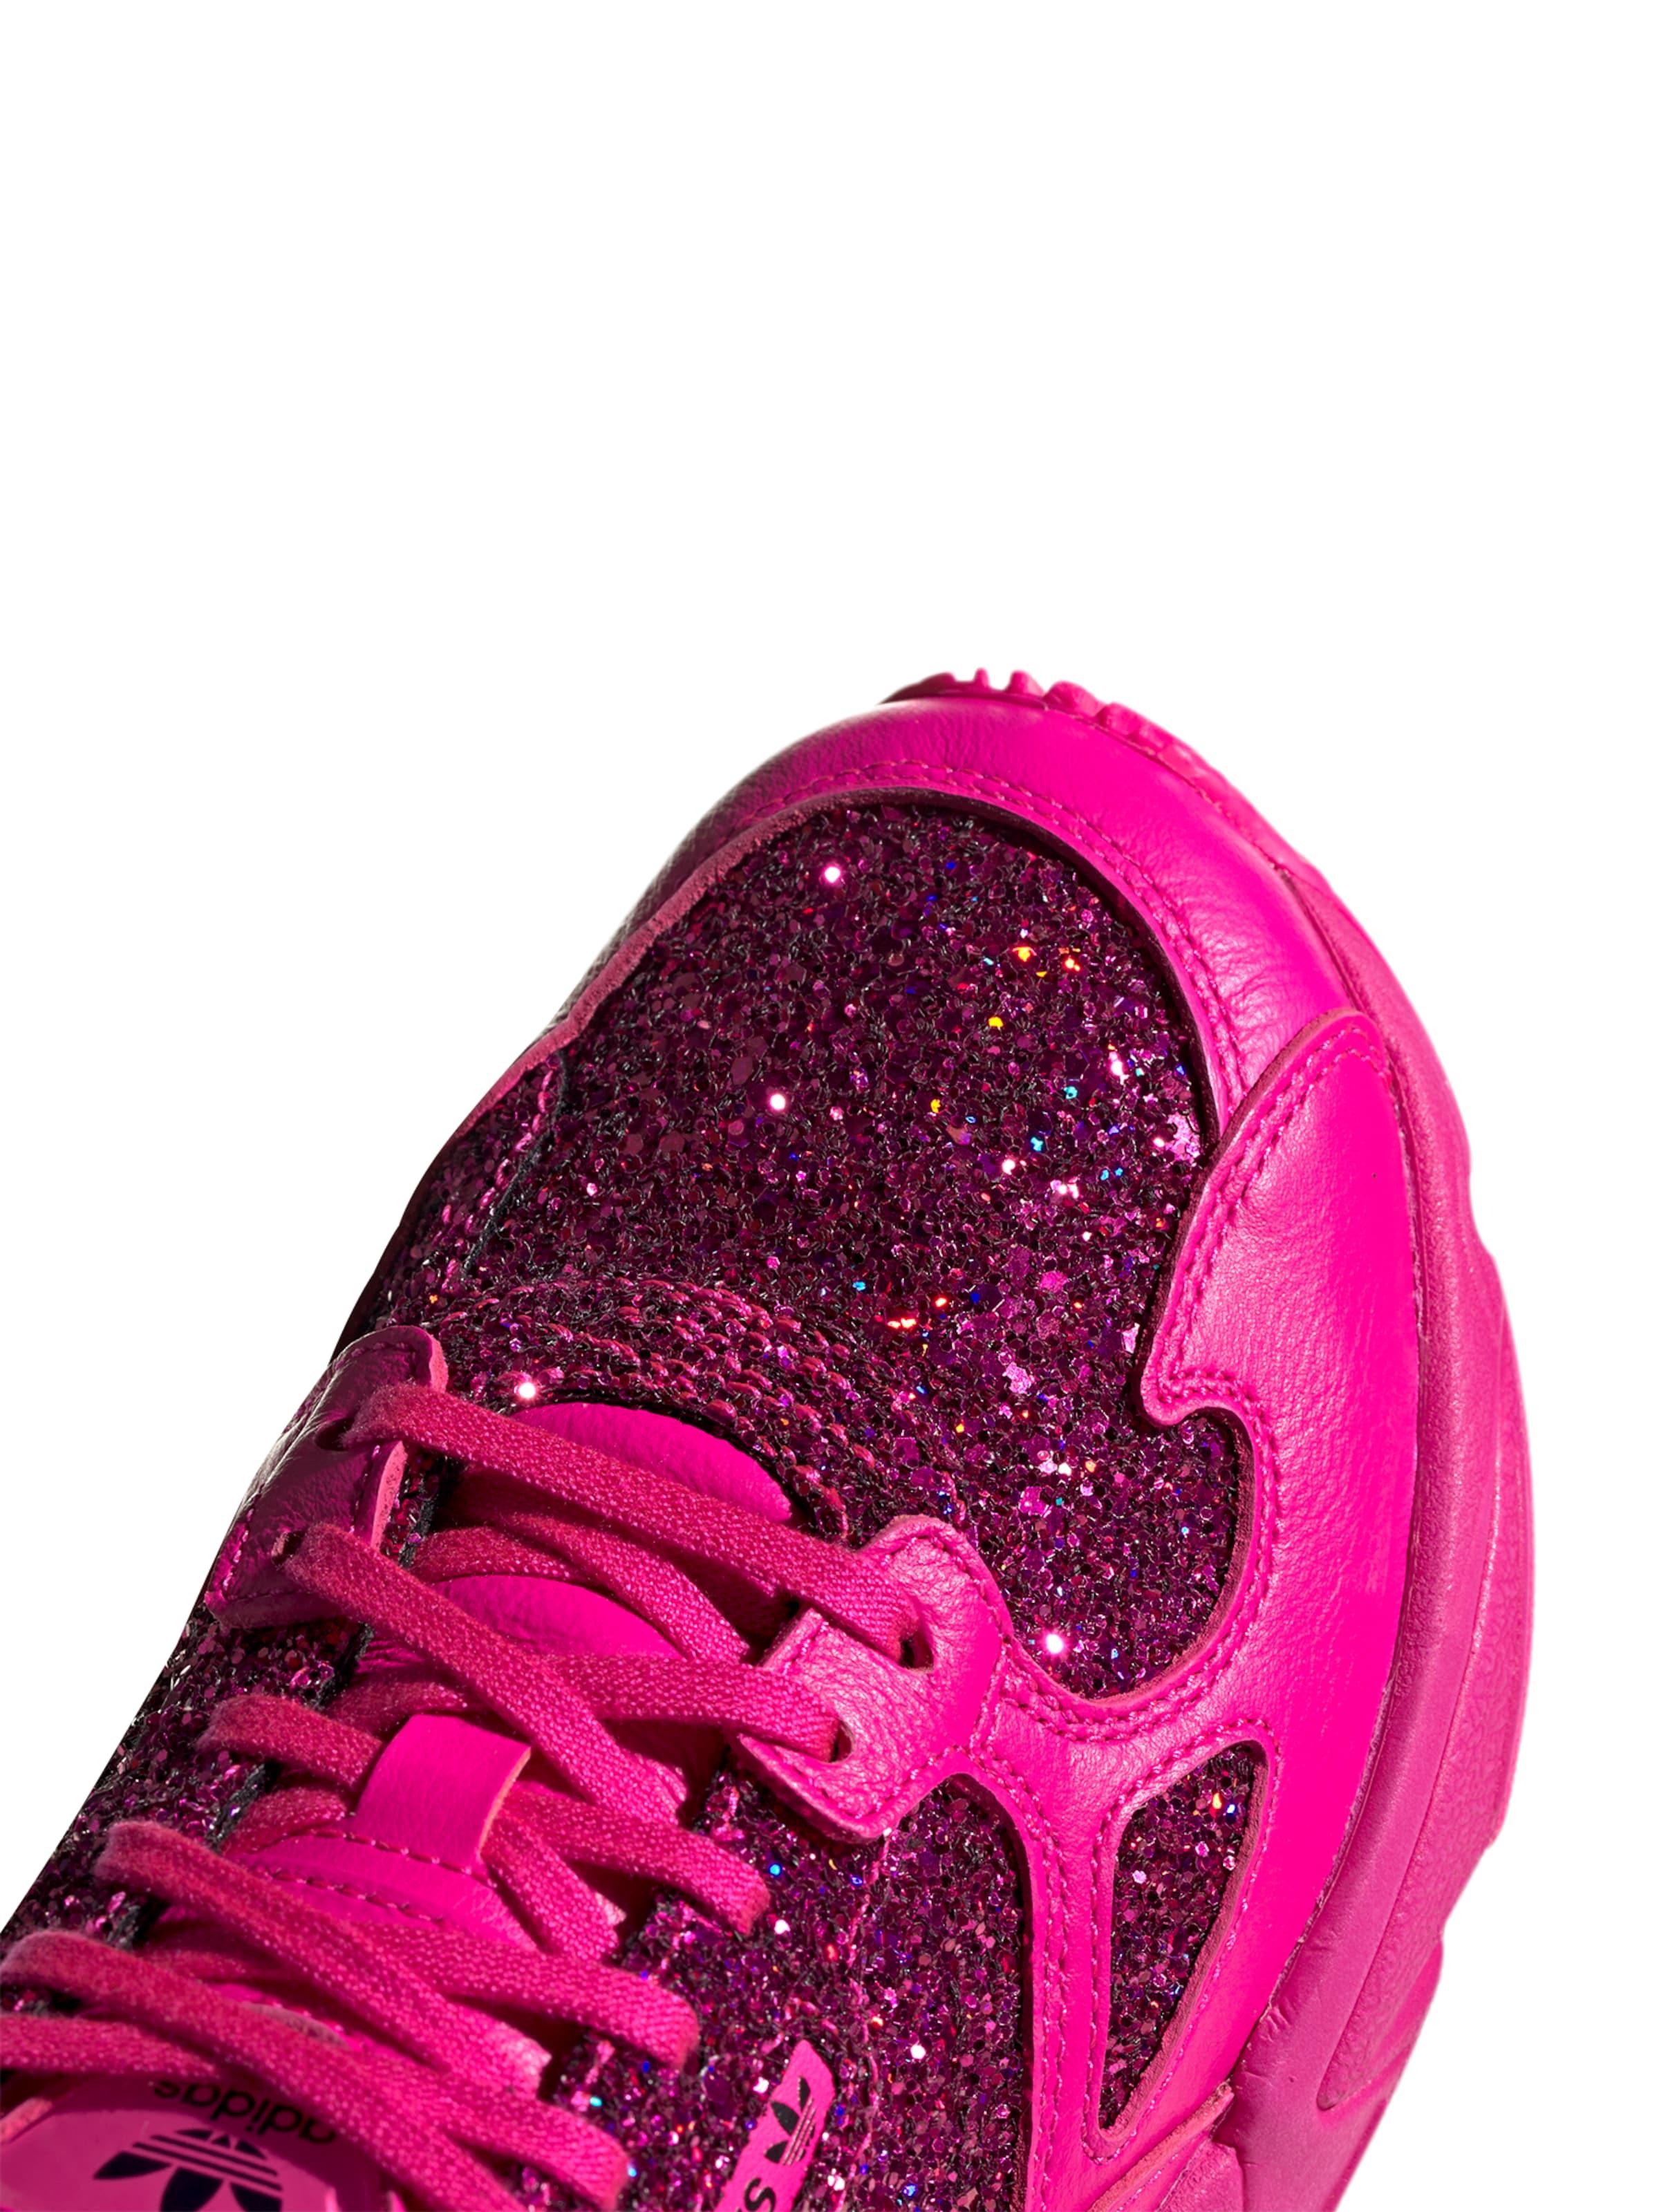 Originals In Sneaker 'falcon' Adidas Pink xrdCoBe